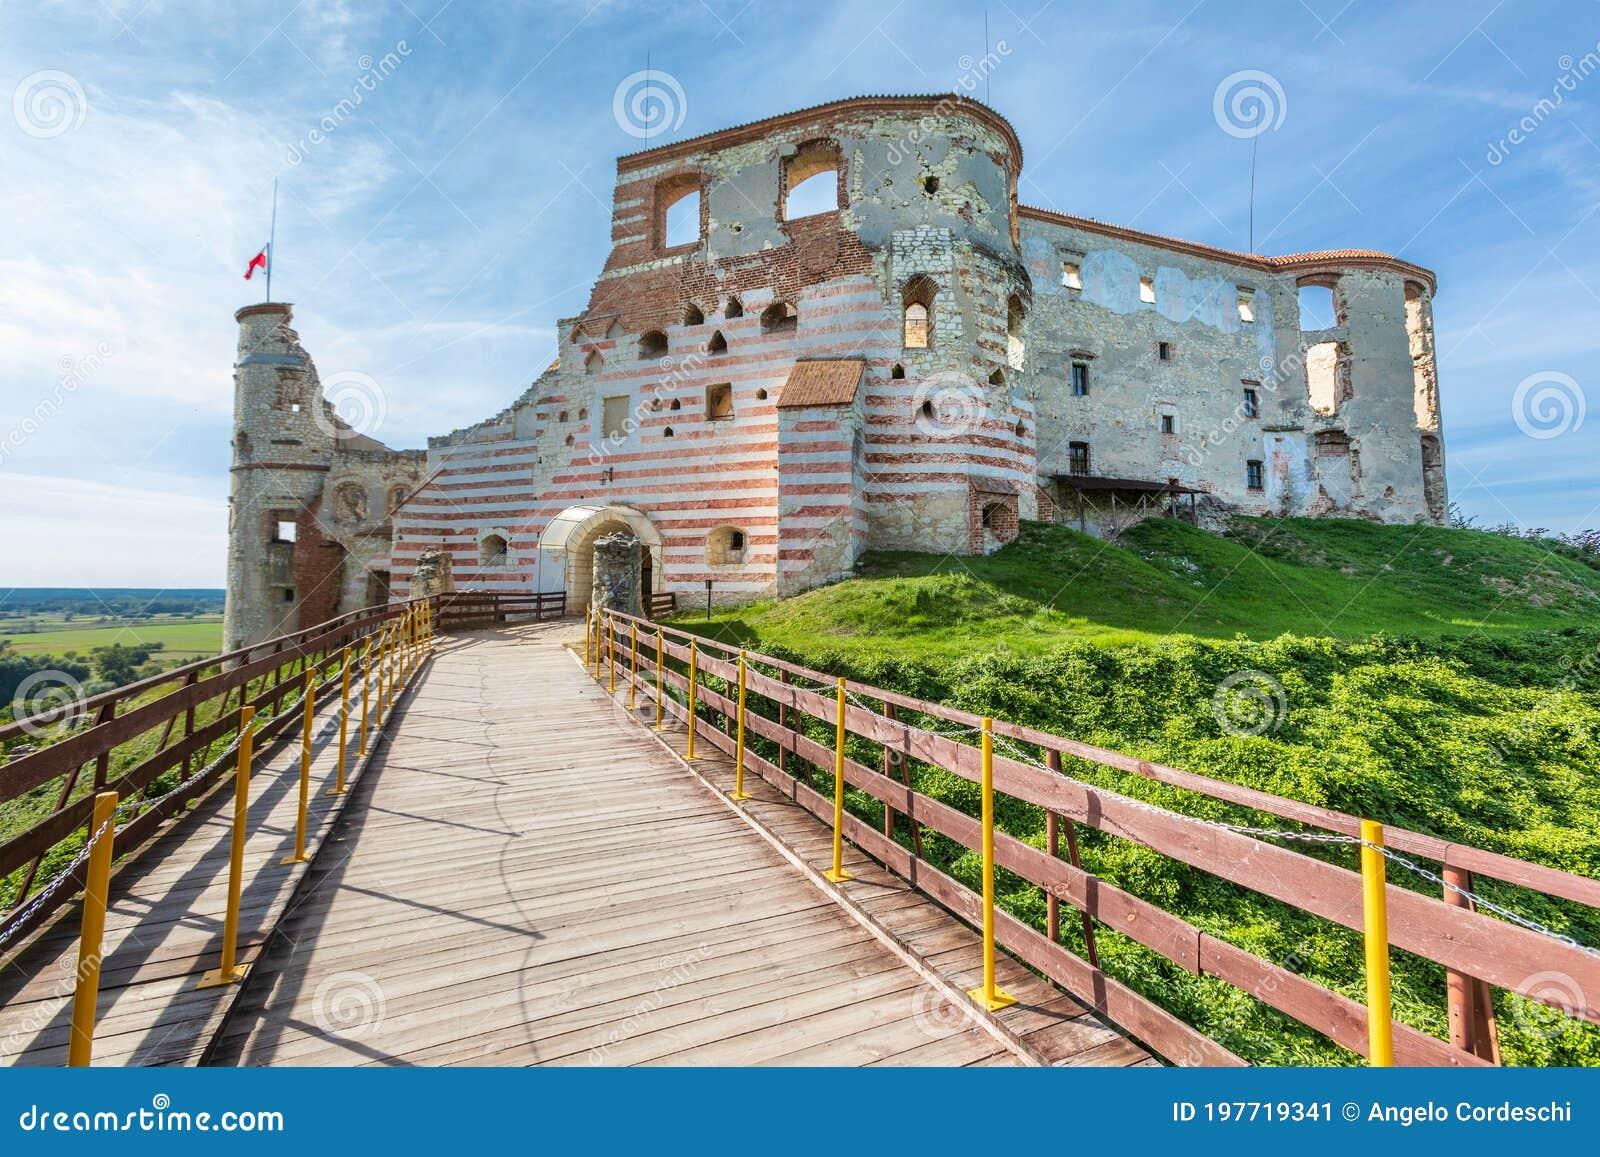 Janowiec Castle. Renaissance castle built in between 1508–1526. In Janowiec, Poland.